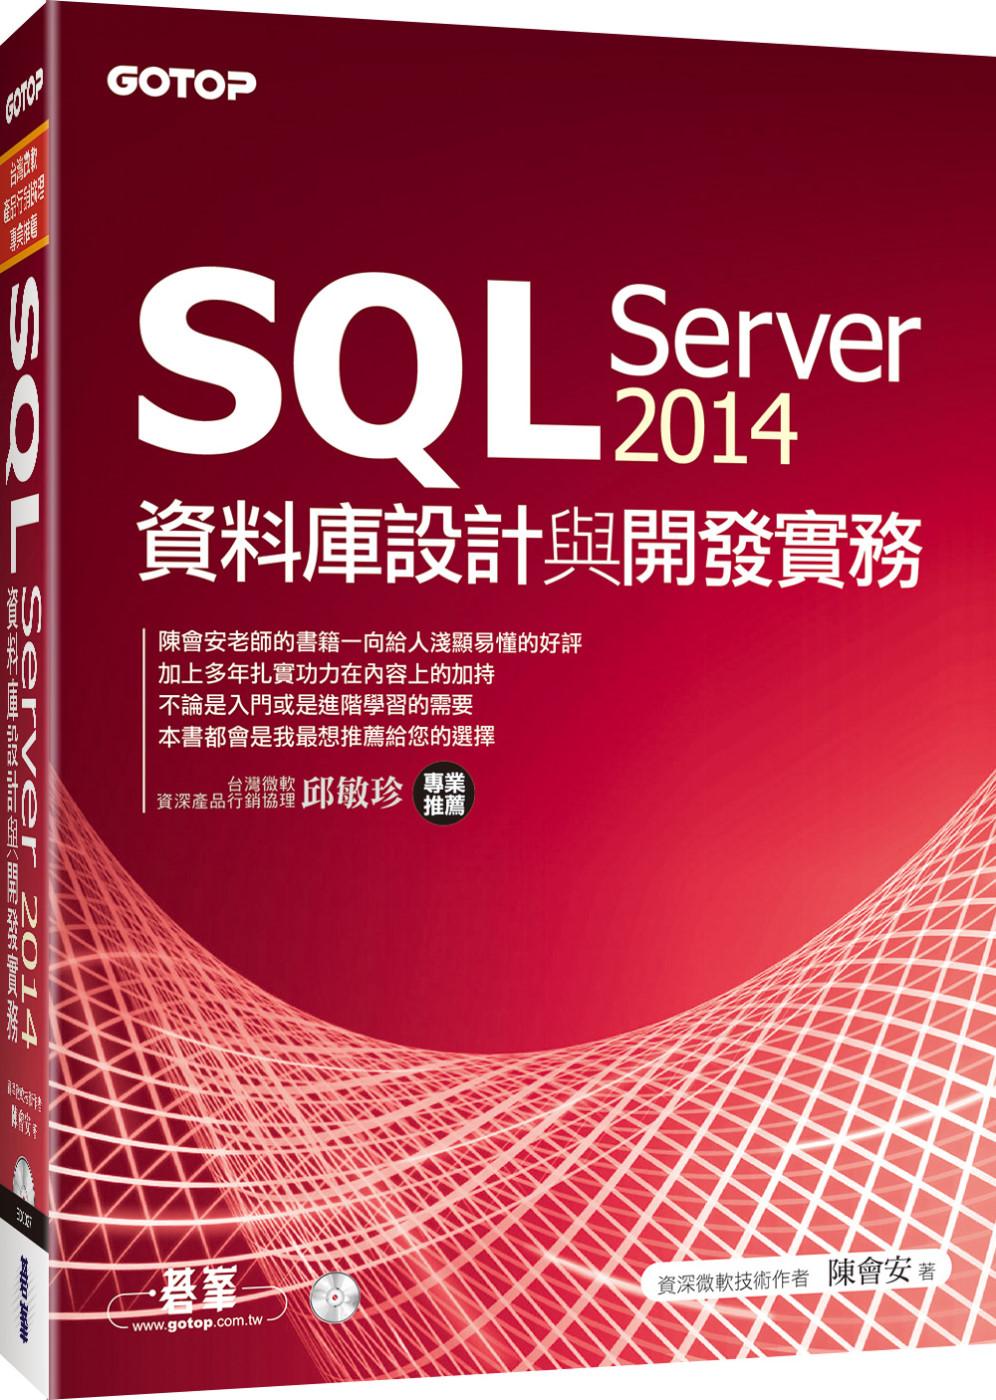 SQL Server 2014資料庫設計與開發實務(附T-SQL範例檔、資料庫檔光碟)